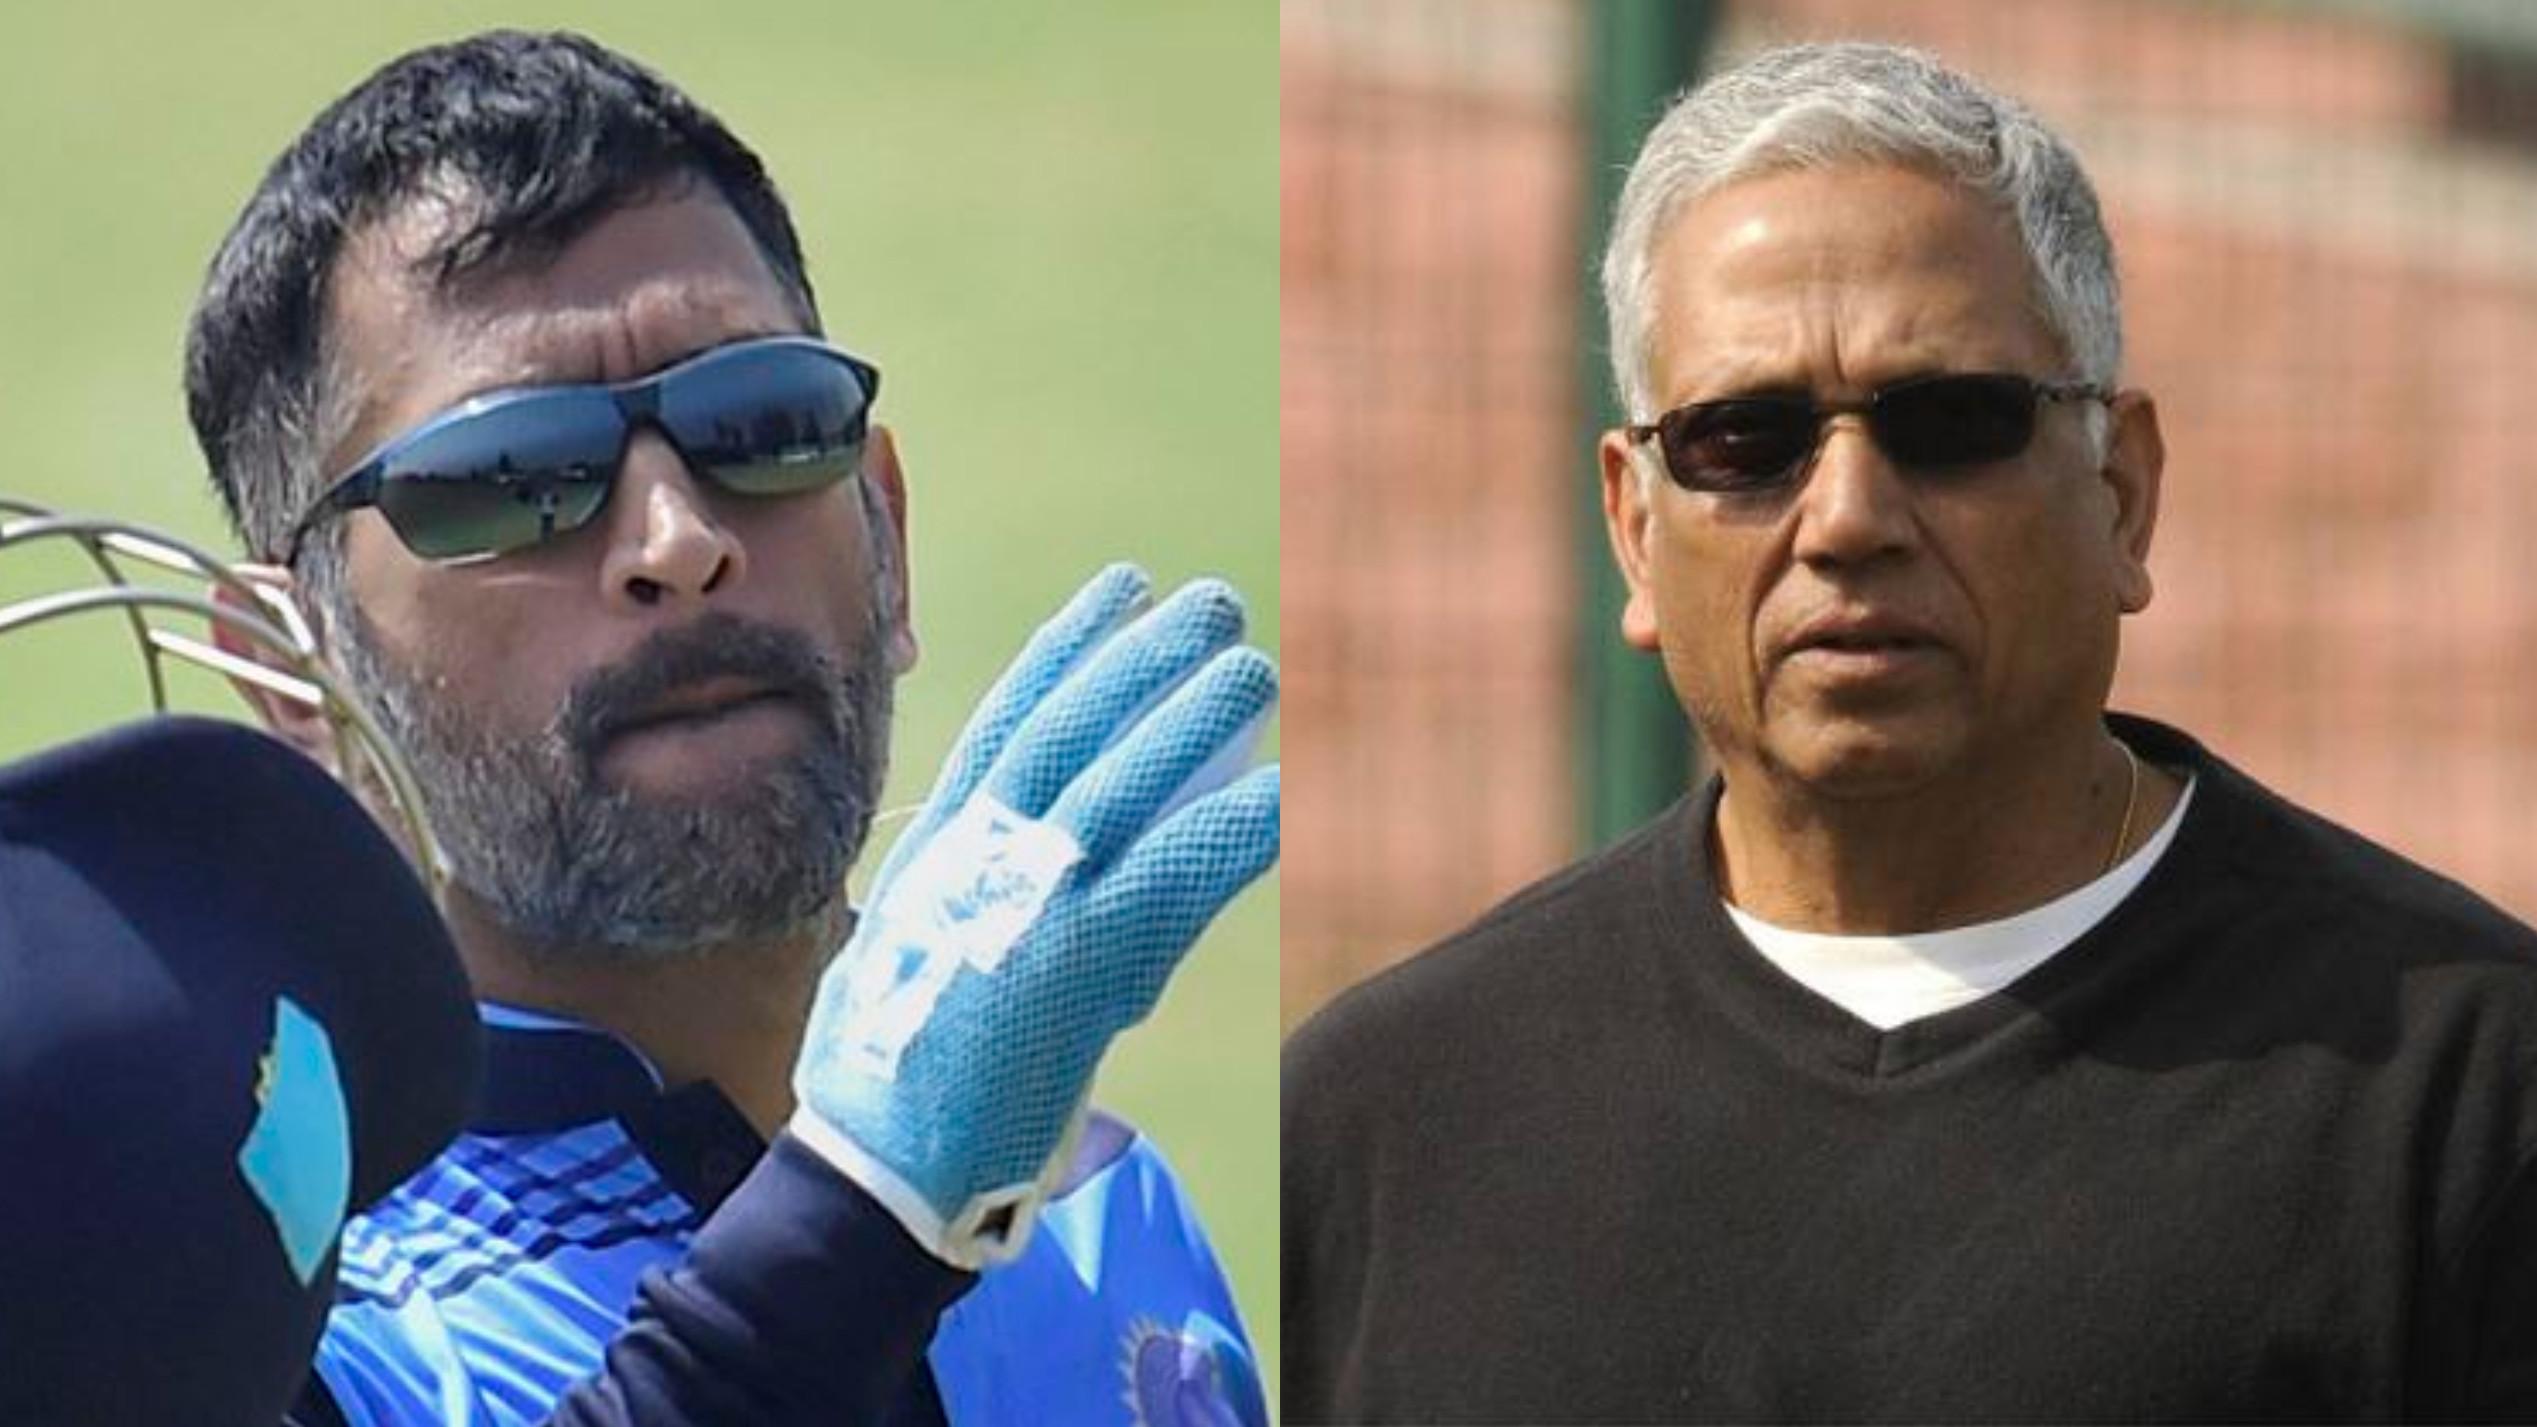 मोहिंदर अमरनाथ चाहते हैं कि टीम में चयन योग्य होने के लिए एमएस धोनी घरेलू क्रिकेट खेलें